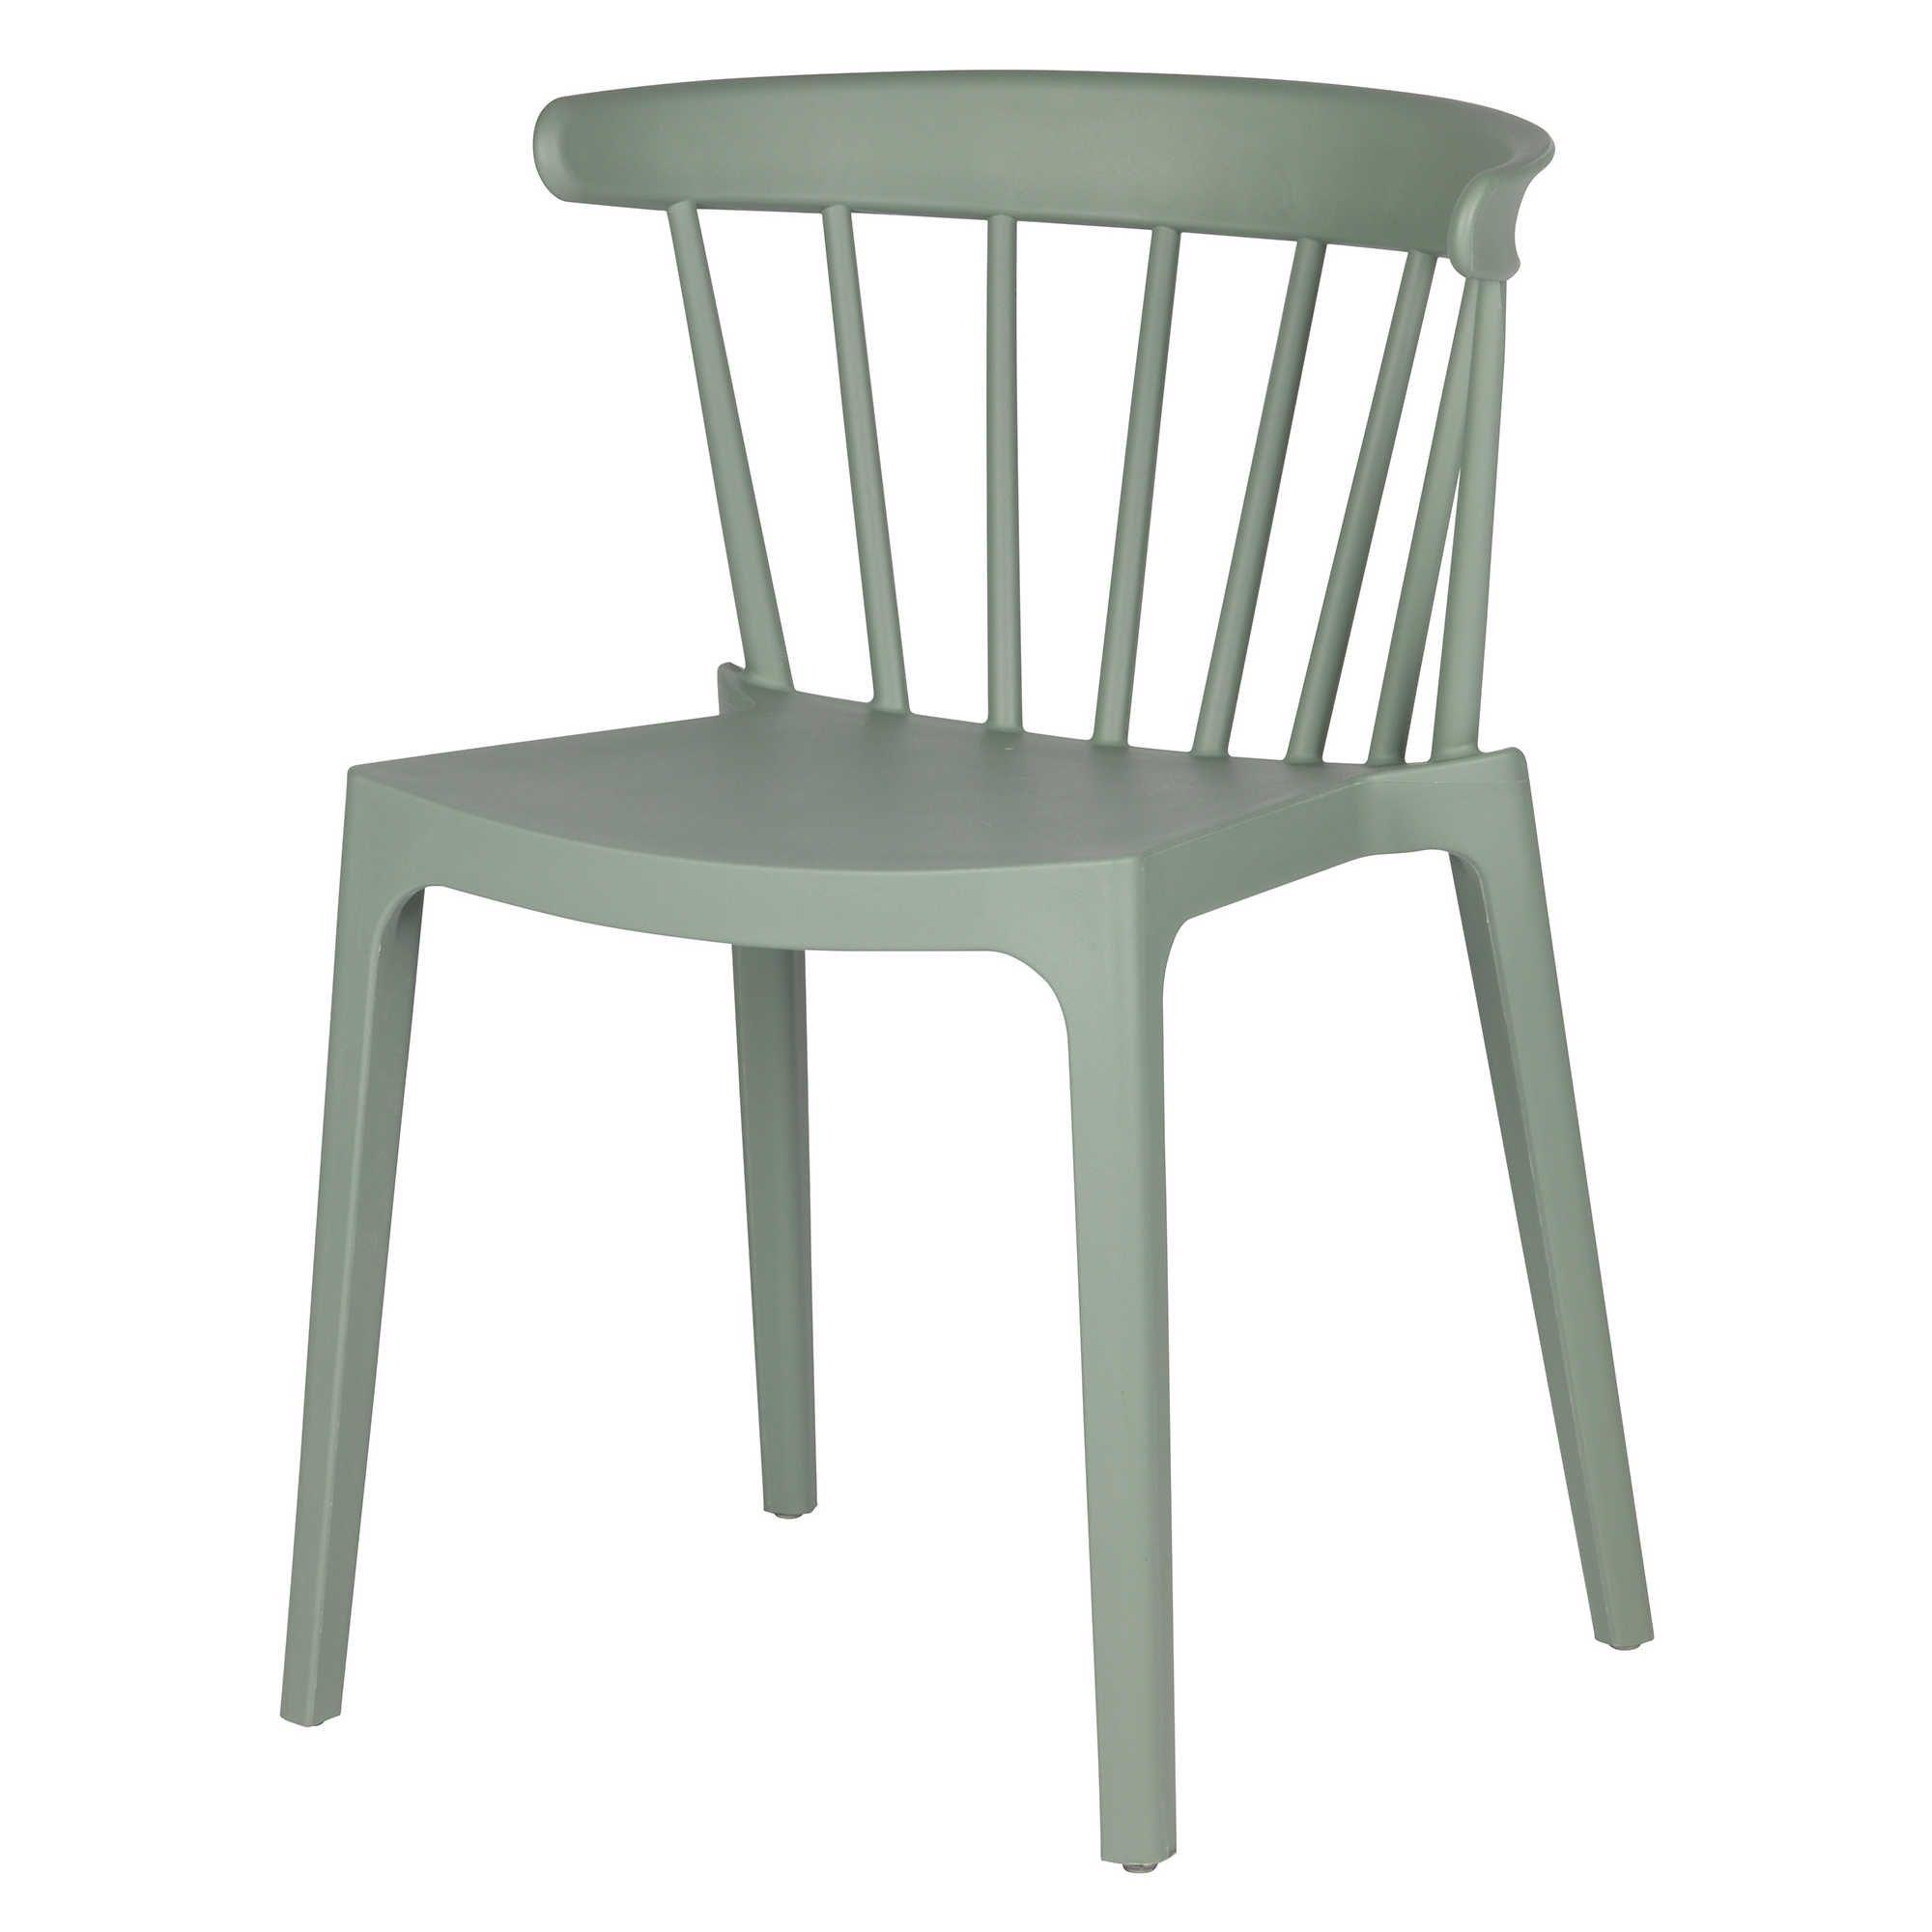 Woood Bliss Stuhl aus Kunststoff grün Jetzt auf EIKORA online